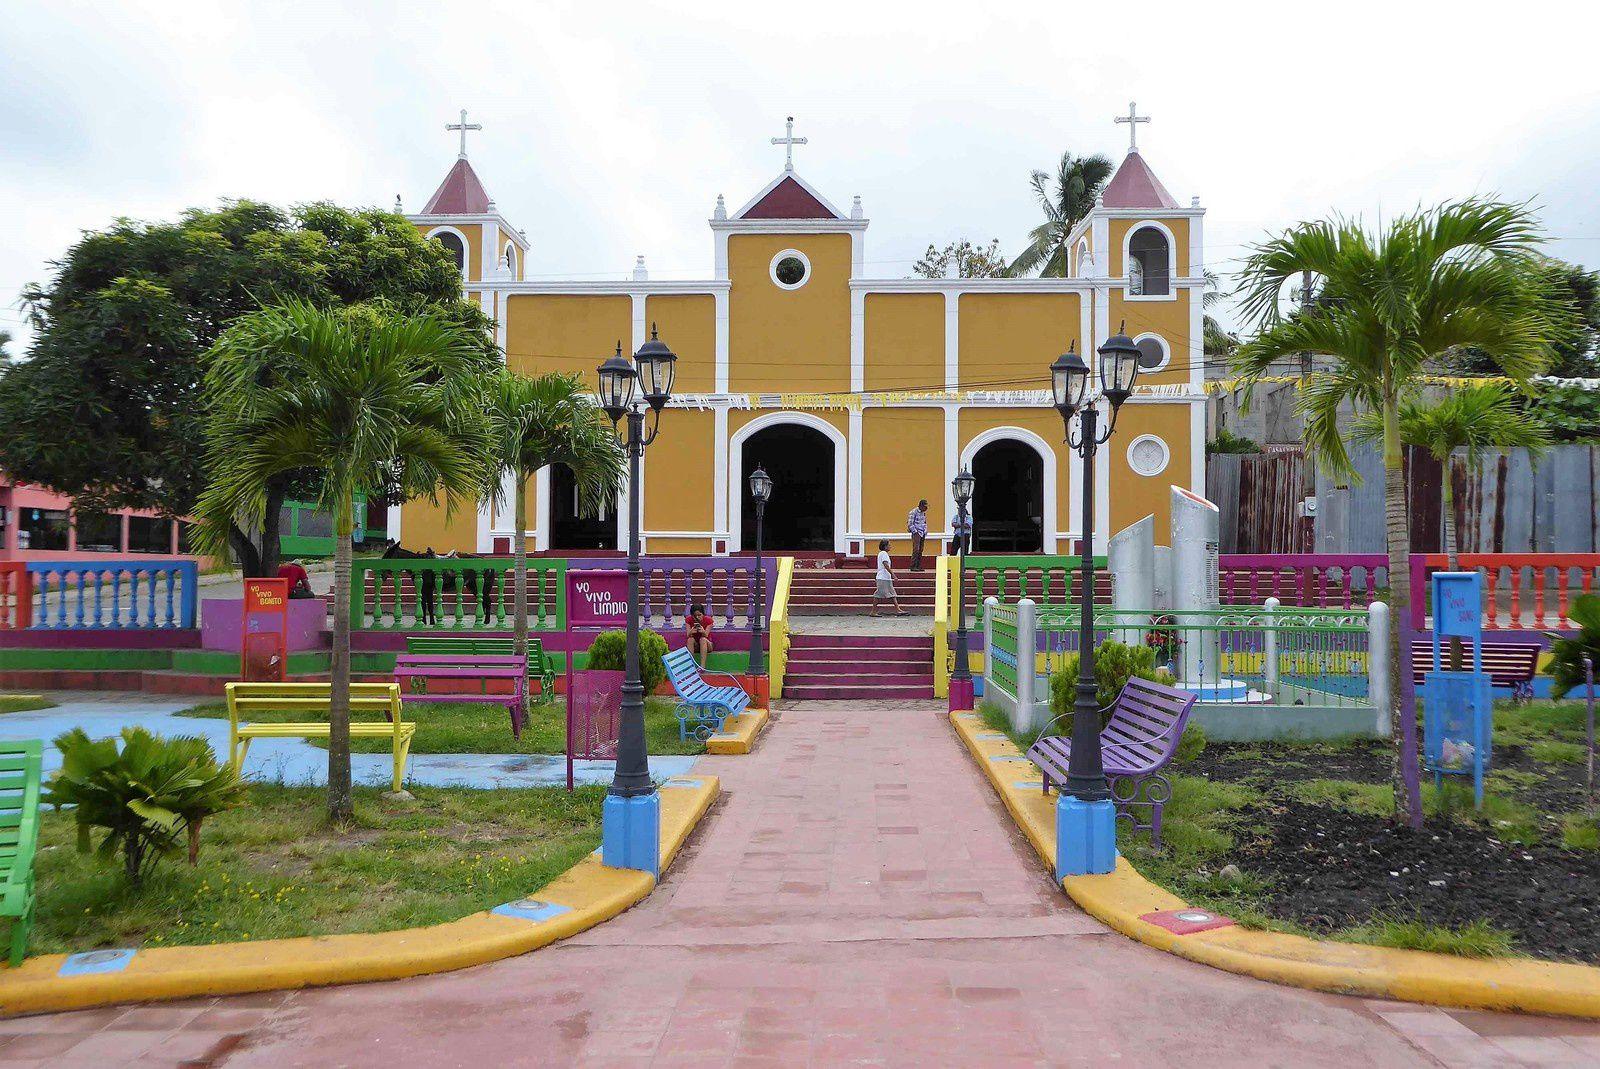 L'église avec en premier plan le parc de jeux et aussi le monument aux morts (les 3 cylindres devant l'angle droit de l'église) avec la liste des morts qui marque un lourd tribut du village lors de la guerre des années 1990